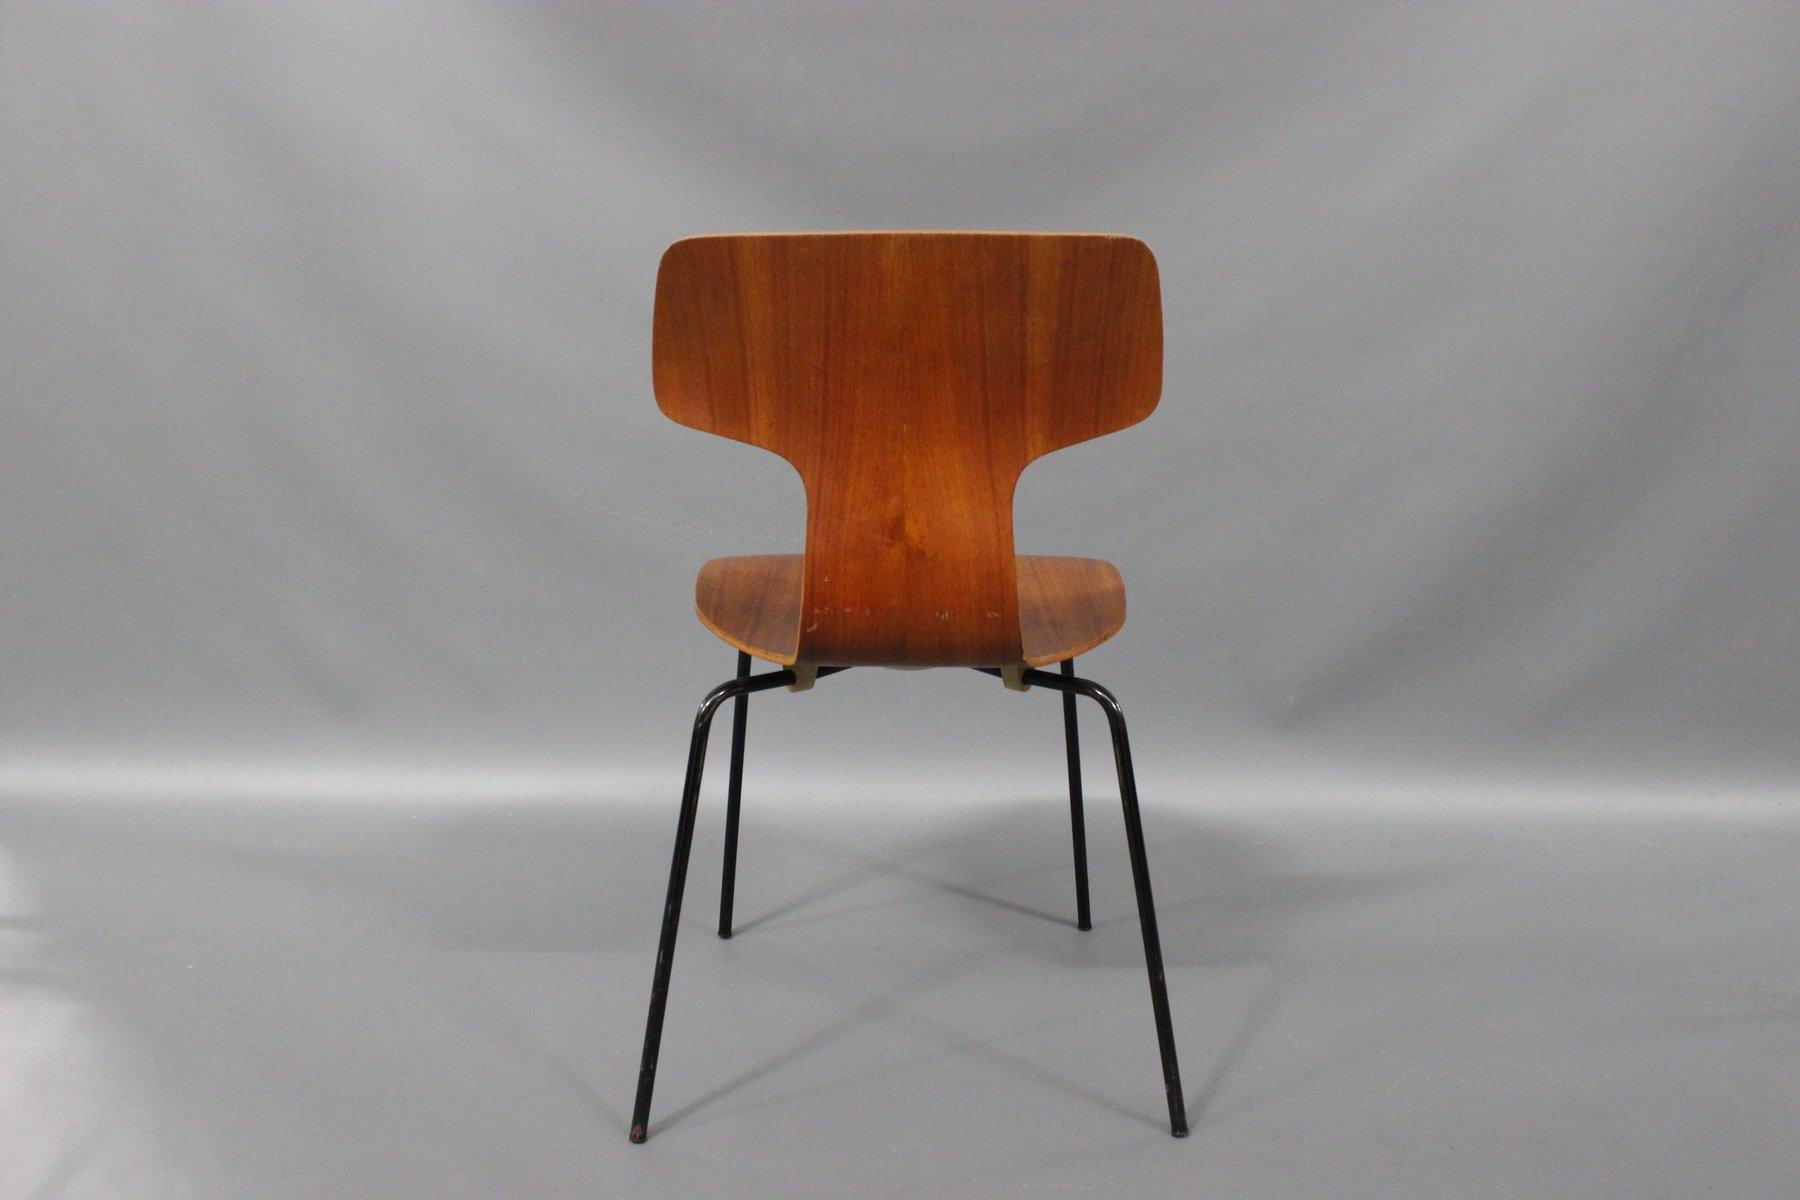 Model 3103 Teak Chair by Arne Jacobsen for Fritz Hansen 1970s for